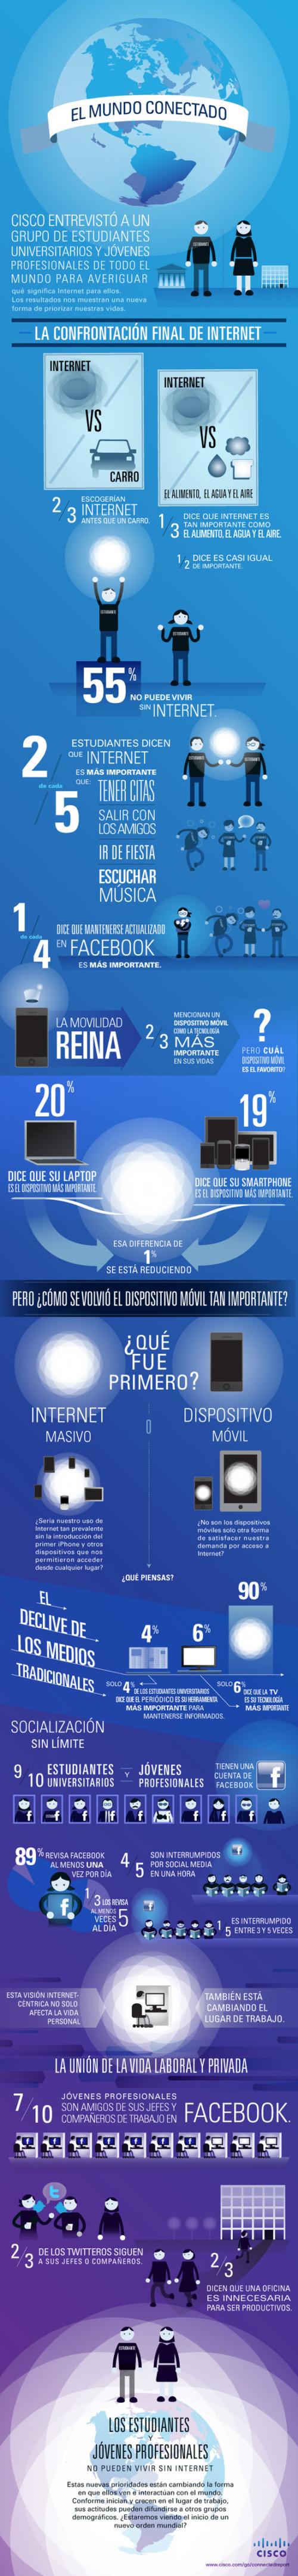 Día de internet  (9)